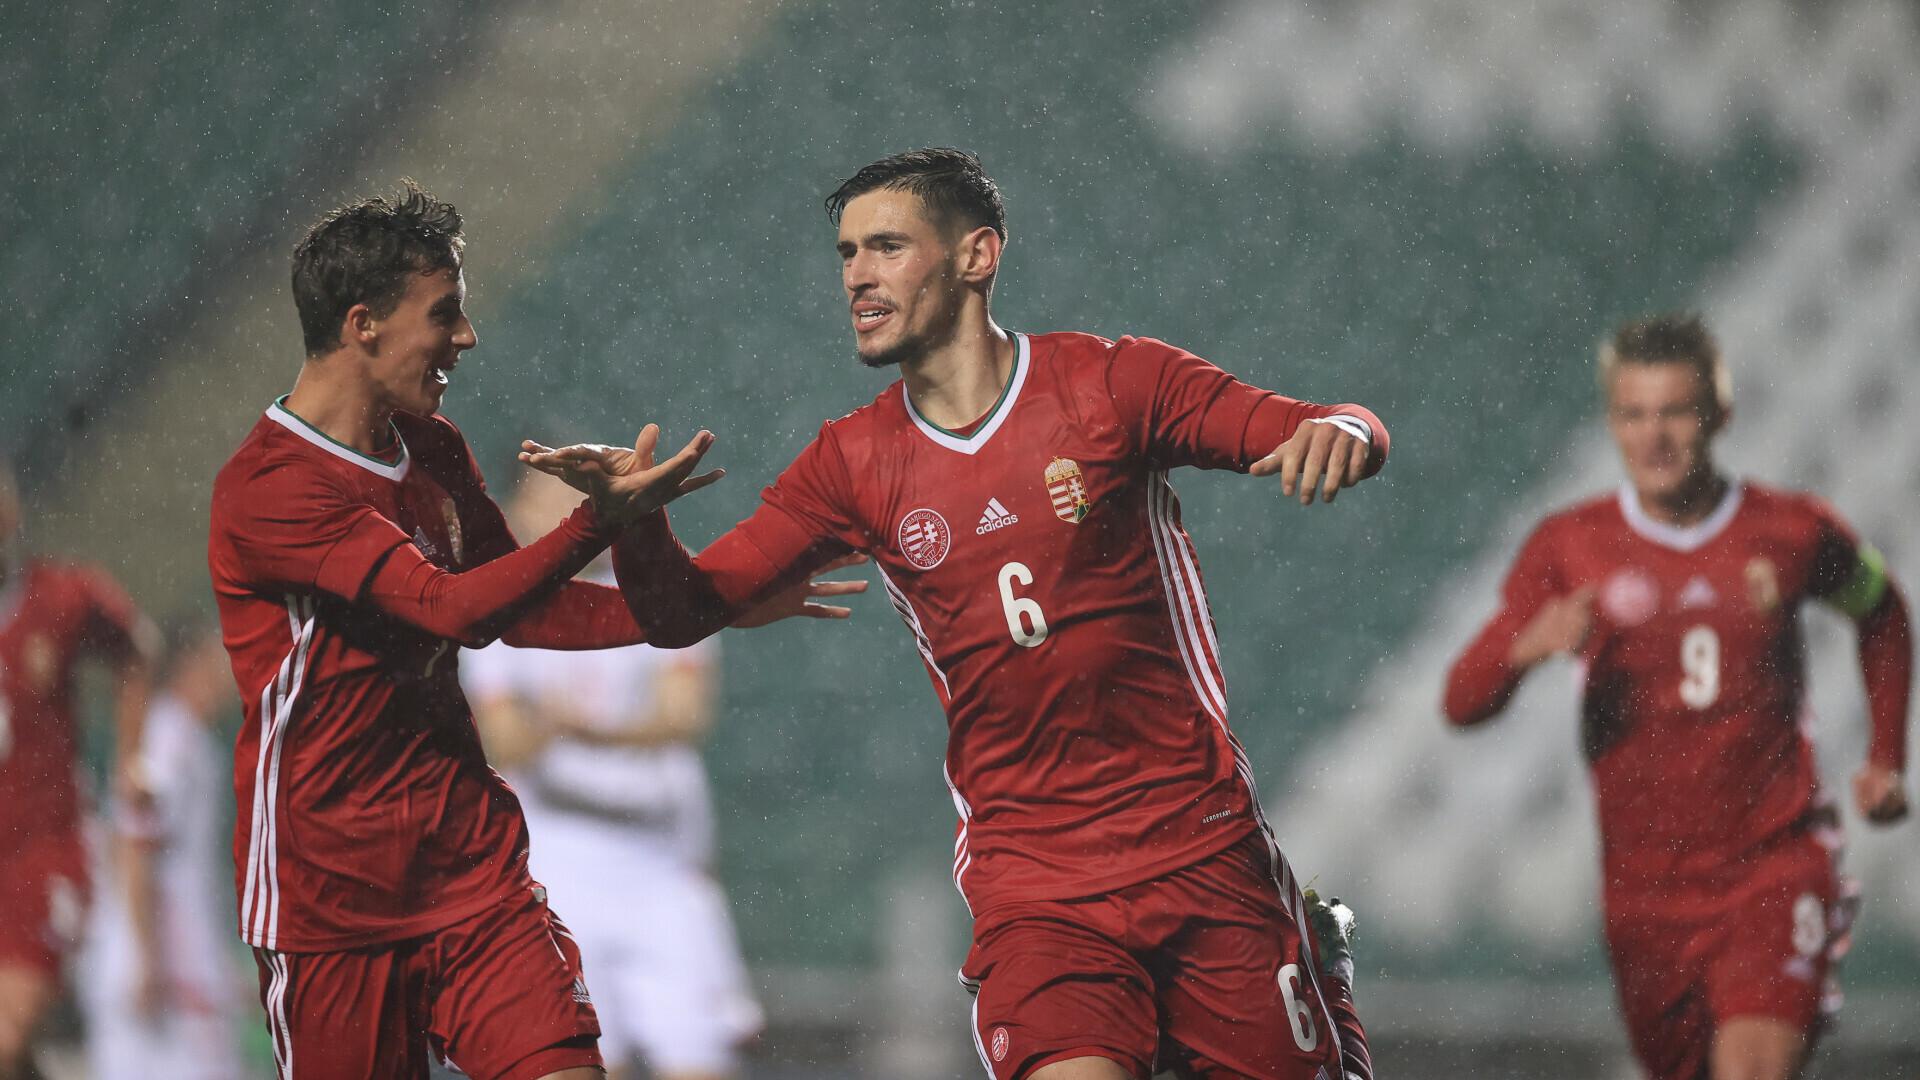 NB III: Kovács Mátyással a kezdőjében nyert az első Eb-selejtezőjén U19-es válogatottunk